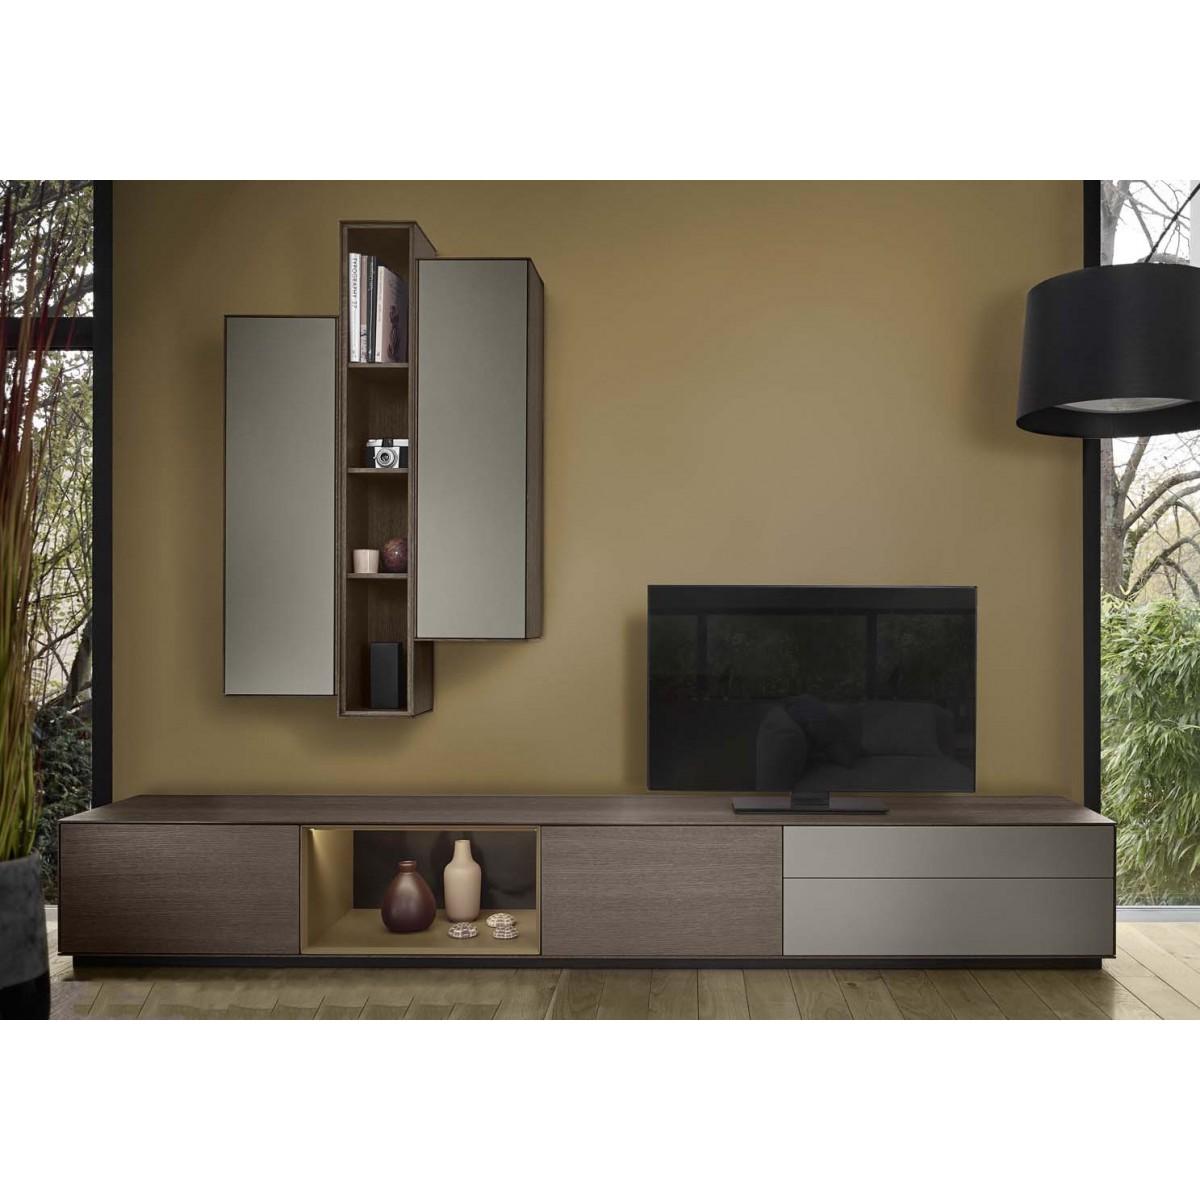 wandmeubel-bloom-compleet-hangende-kasten-tv-dressoir